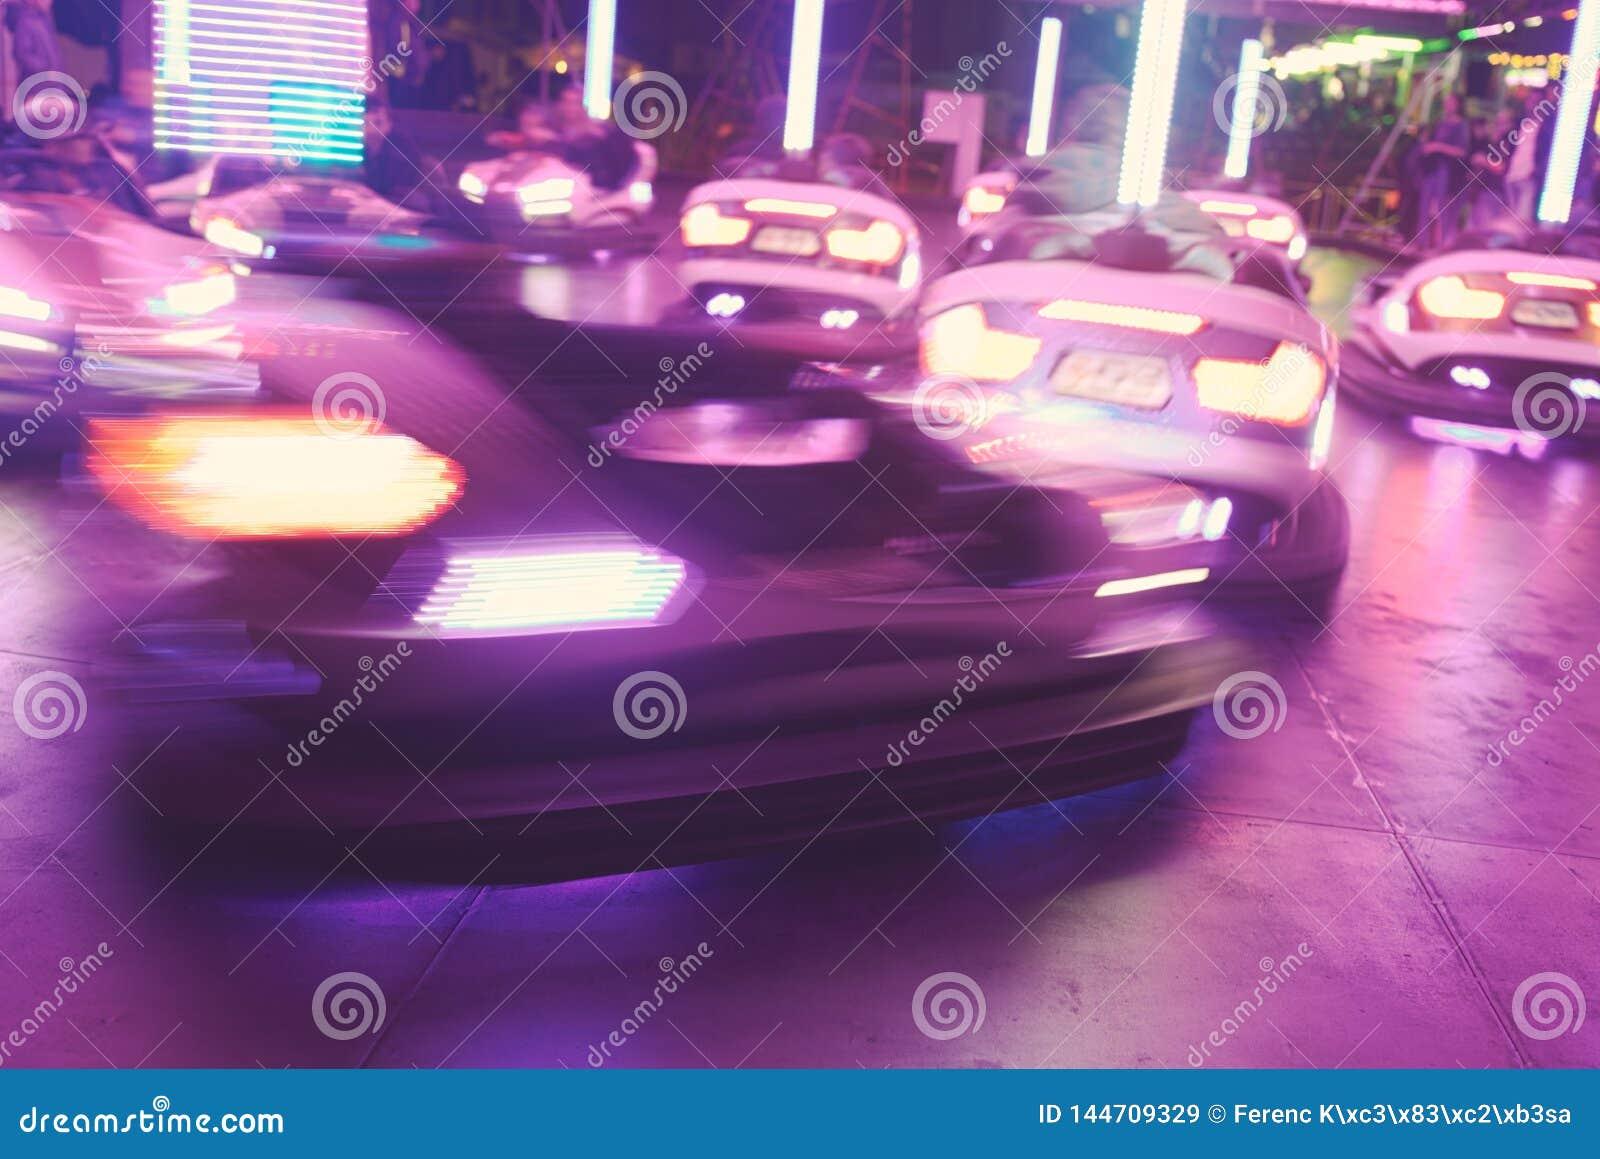 Быстрые автомобили бампера